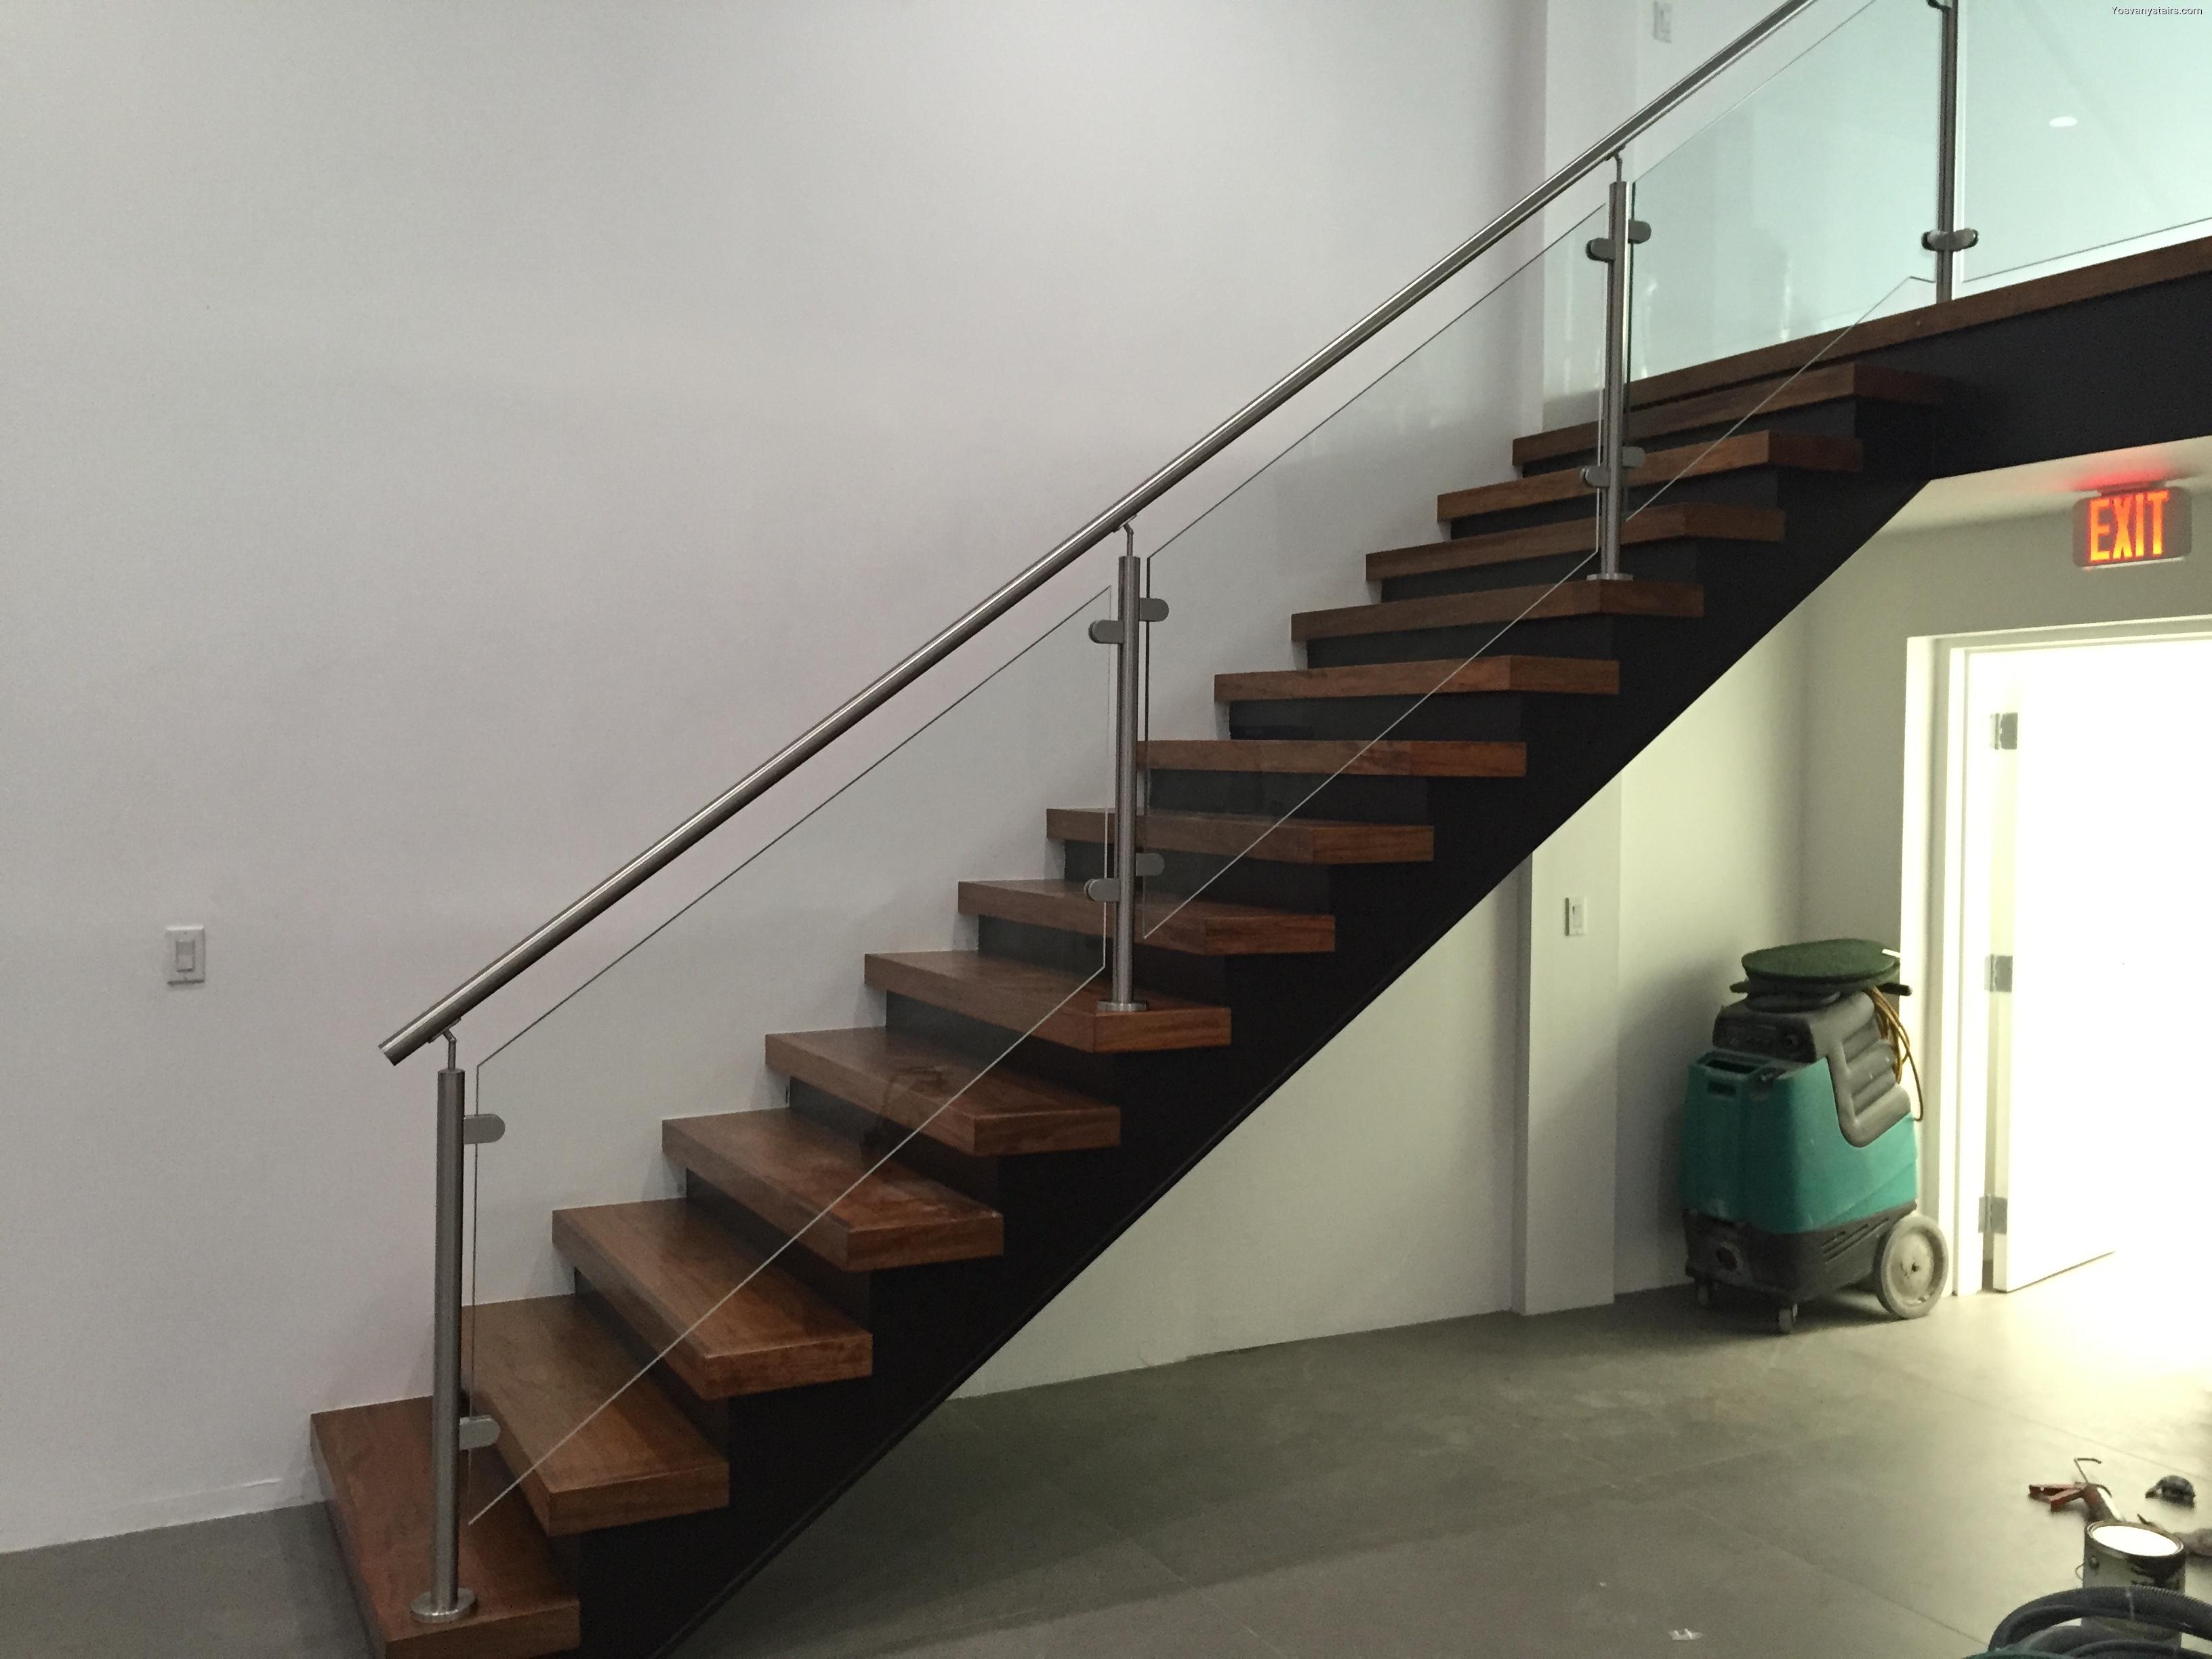 Instalar Y Remodelar Escaleras De Barandas De Hierro En Miami ~ Barandas De Hierro Para Escaleras Interiores